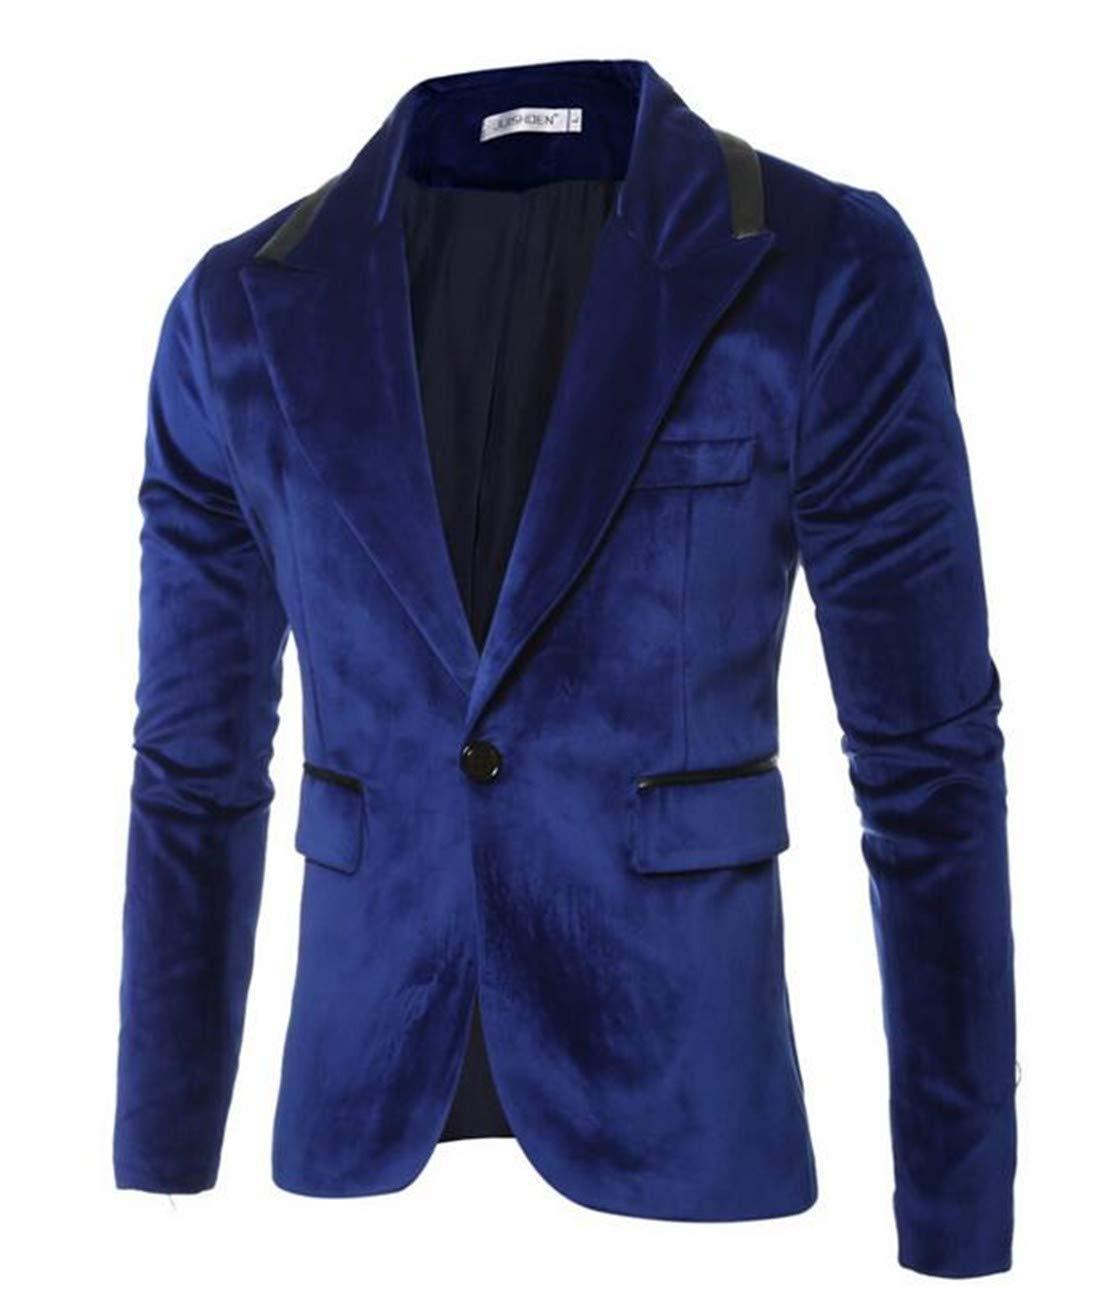 Domple Men's Classic One Button Solid Suede Notch Lapel Suit Blazer Blue US L